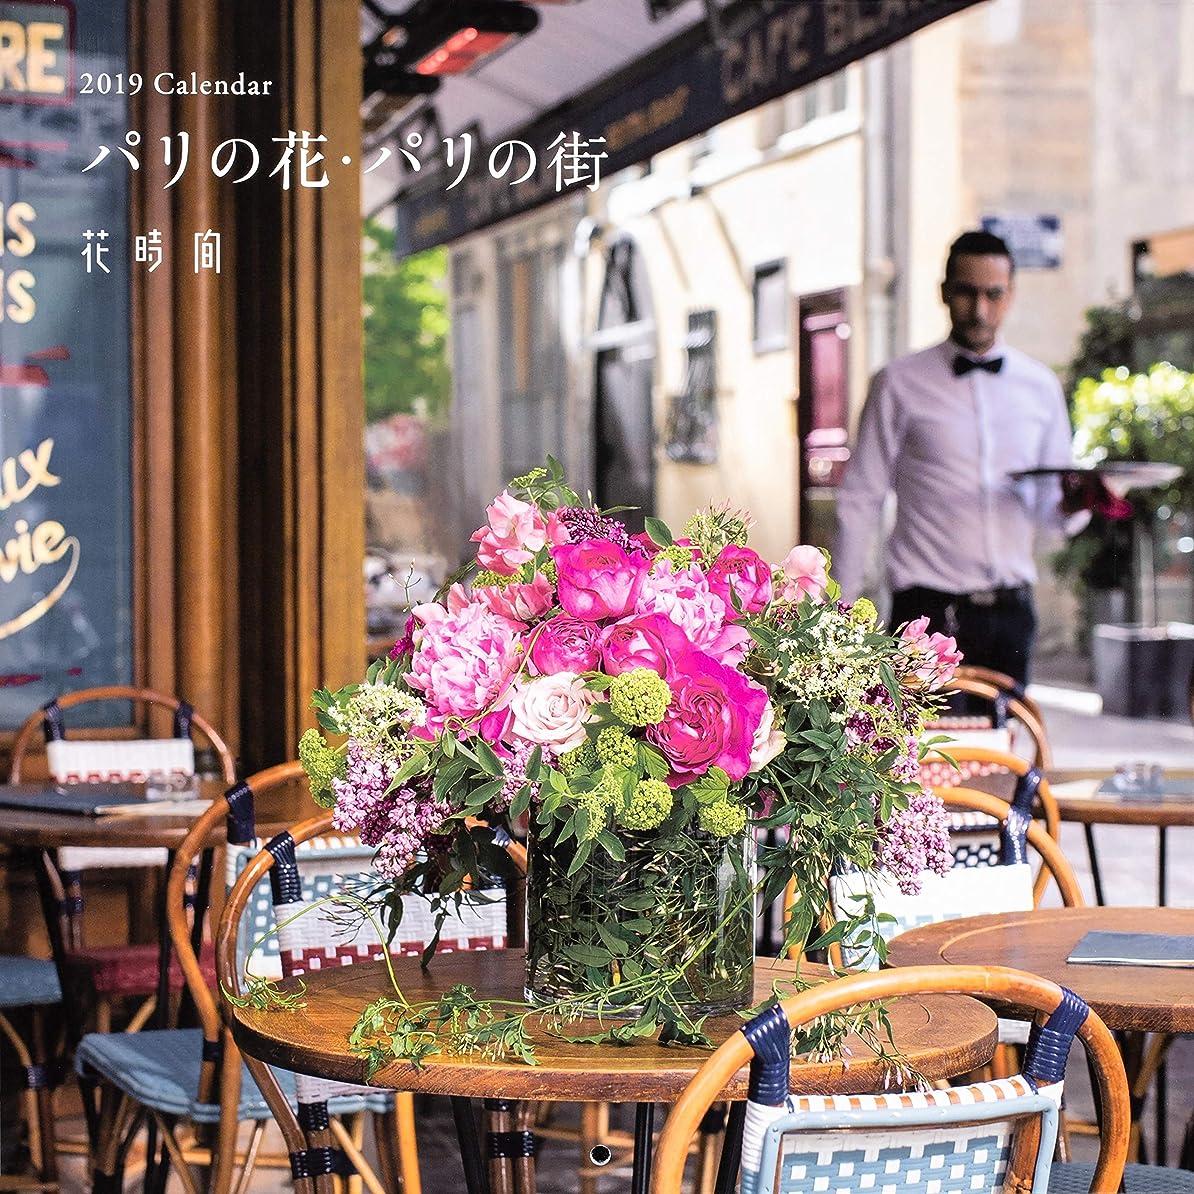 サイトライン吐き出す味方『花時間』2019 Calendar パリの花?パリの街 ([カレンダー])